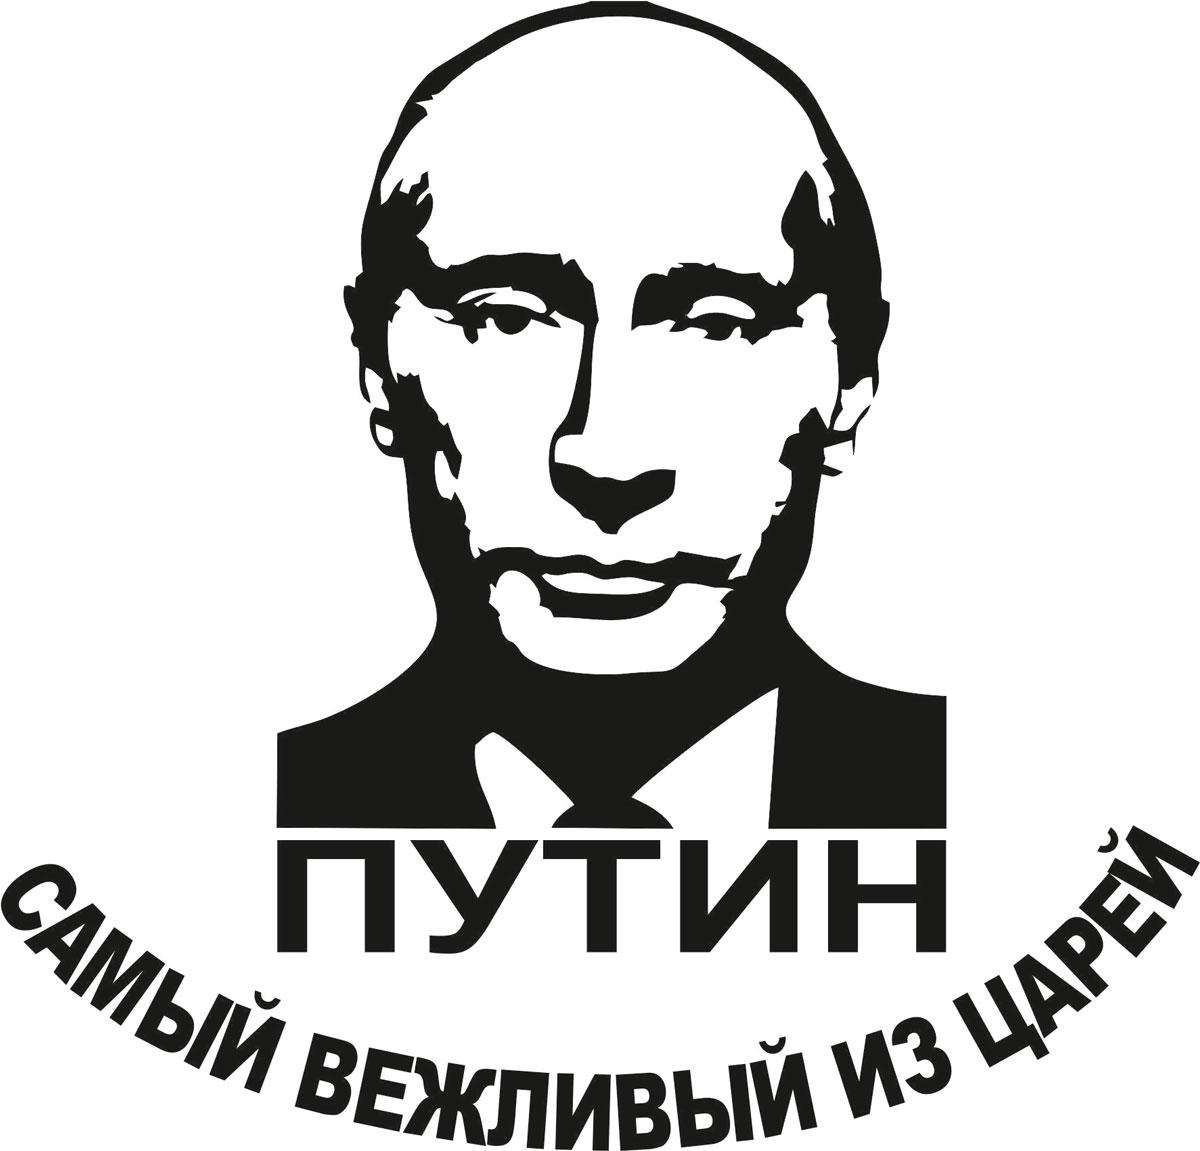 Наклейка автомобильная Оранжевый слоник Путин, виниловая, цвет: черный наклейка автомобильная оранжевый слоник панда виниловая цвет черный